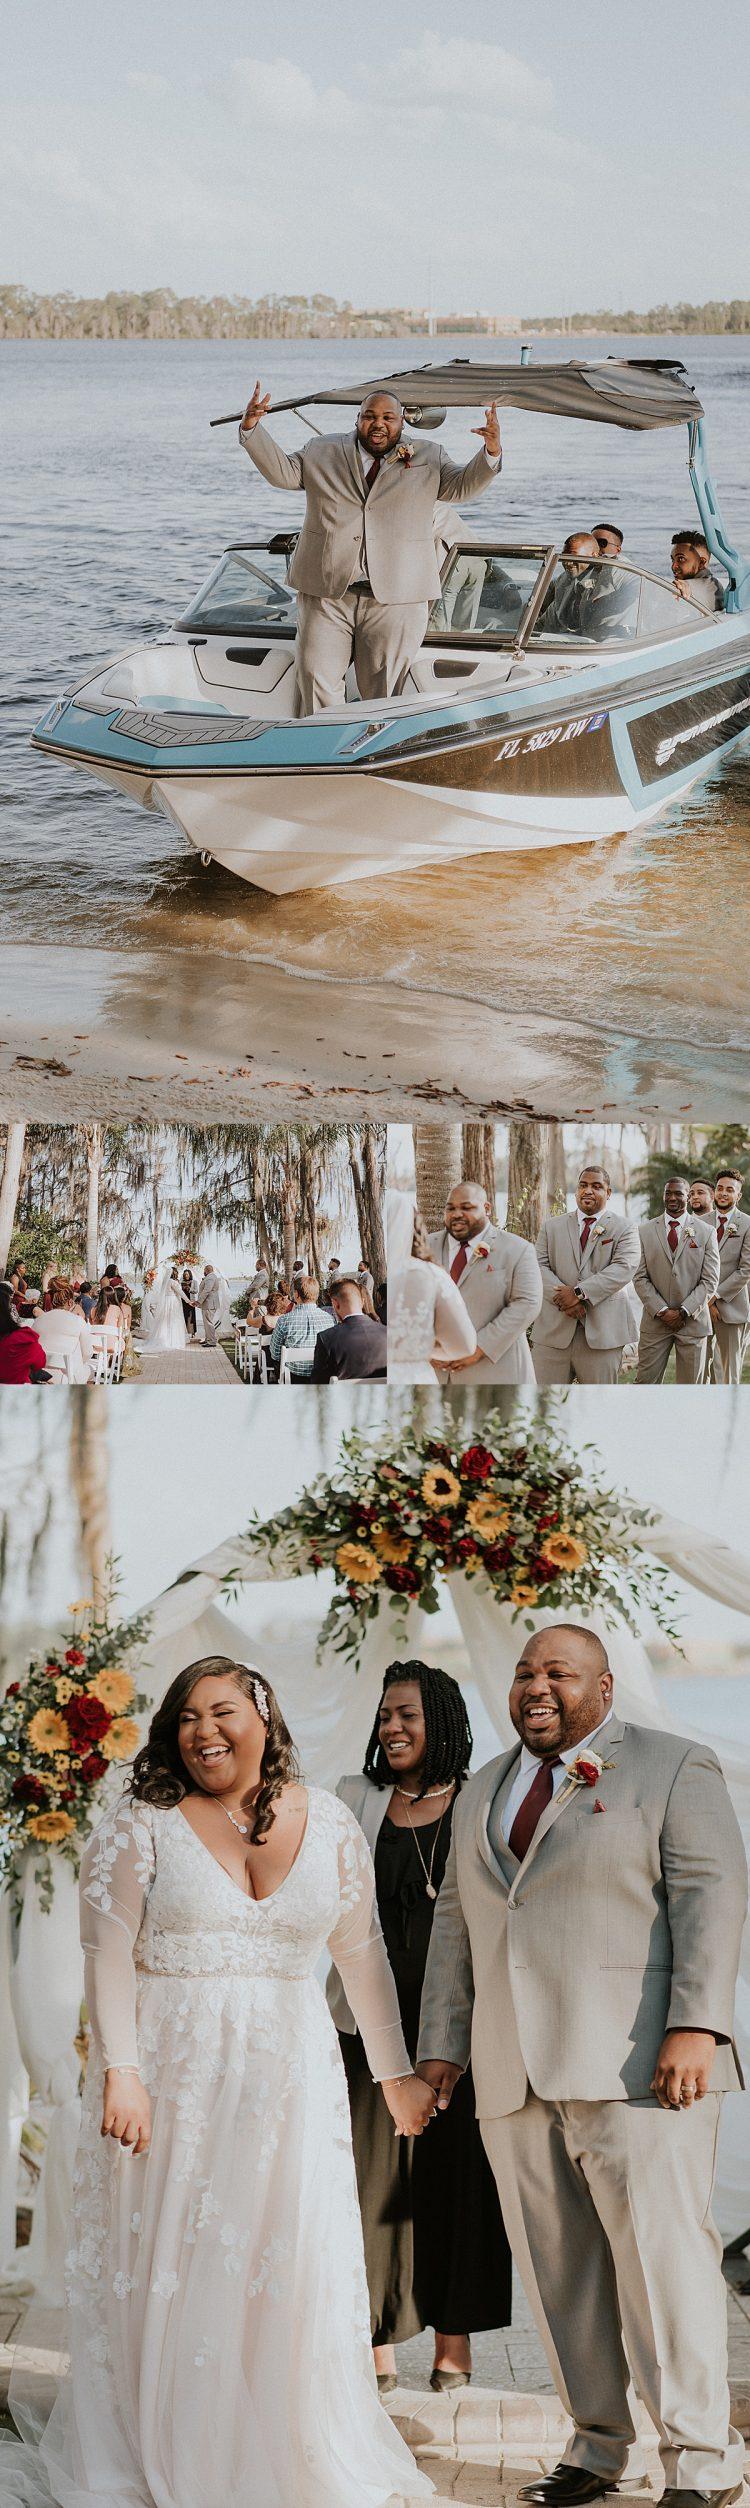 Orlando Wedding Venues - PC11